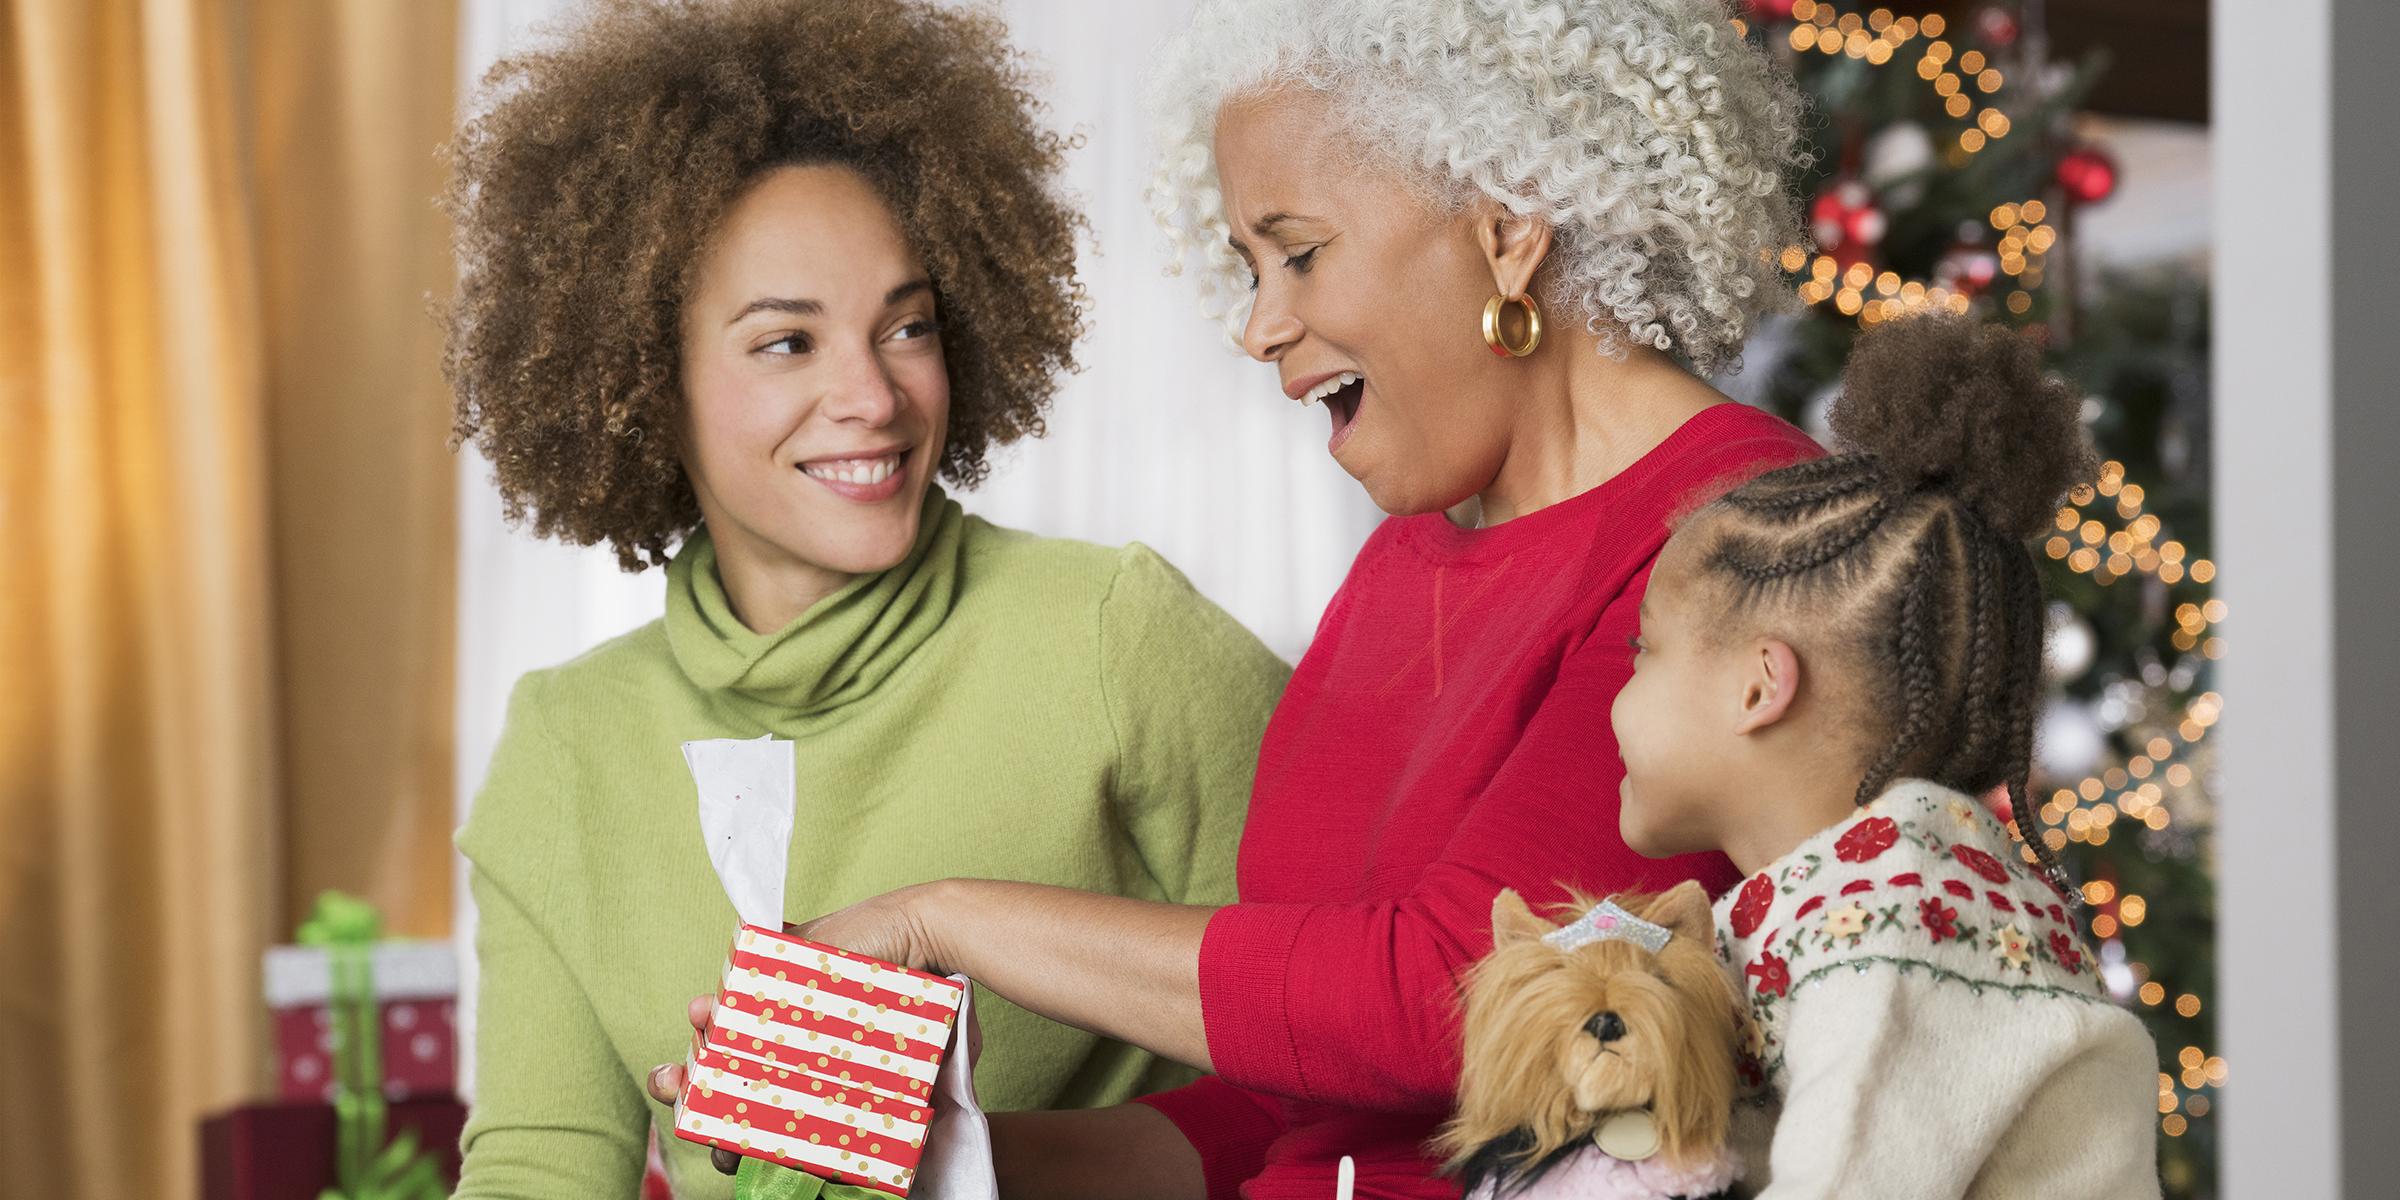 28 Unique Gift Ideas For Grandma